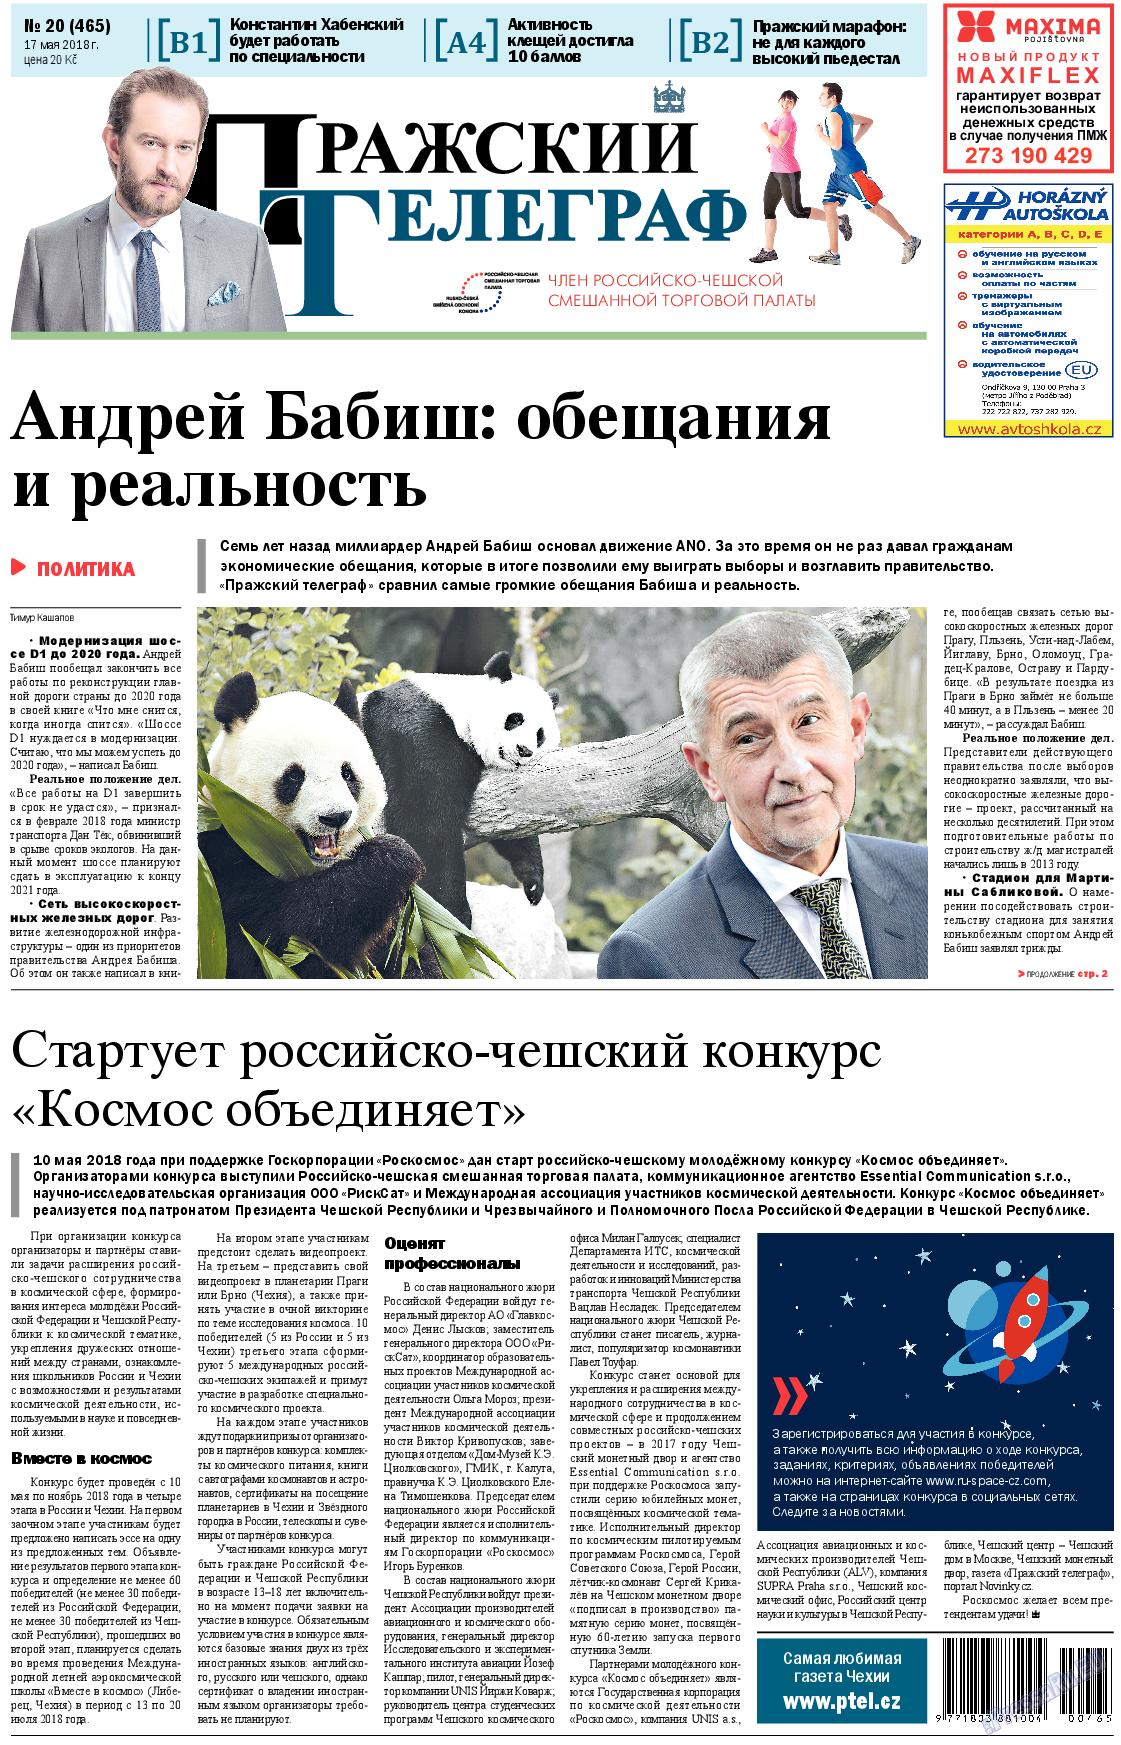 Пражский телеграф (газета). 2018 год, номер 20, стр. 1